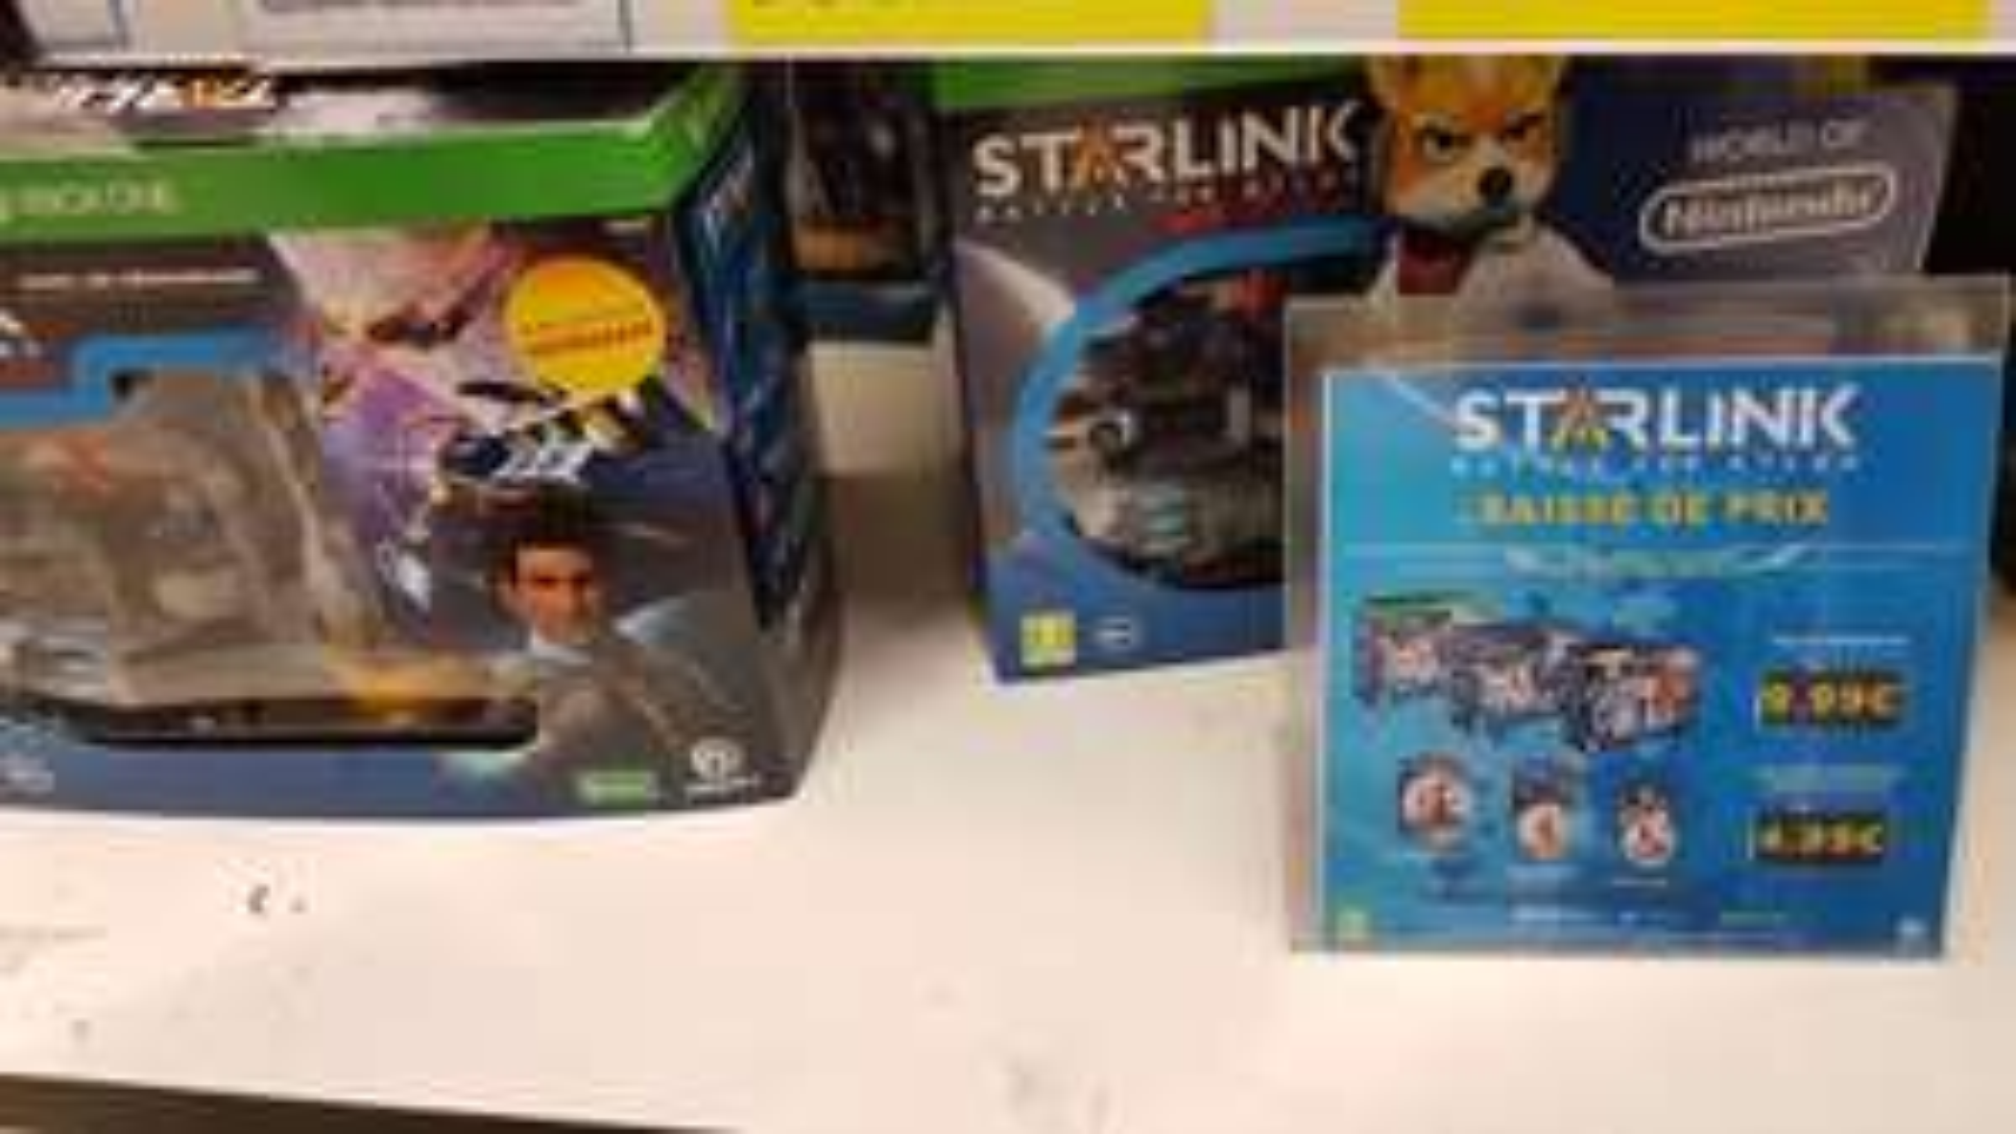 Pack de démarrage Starlink: Battle for Atlas sur PS4 et Xbox One - Toulouse (31)